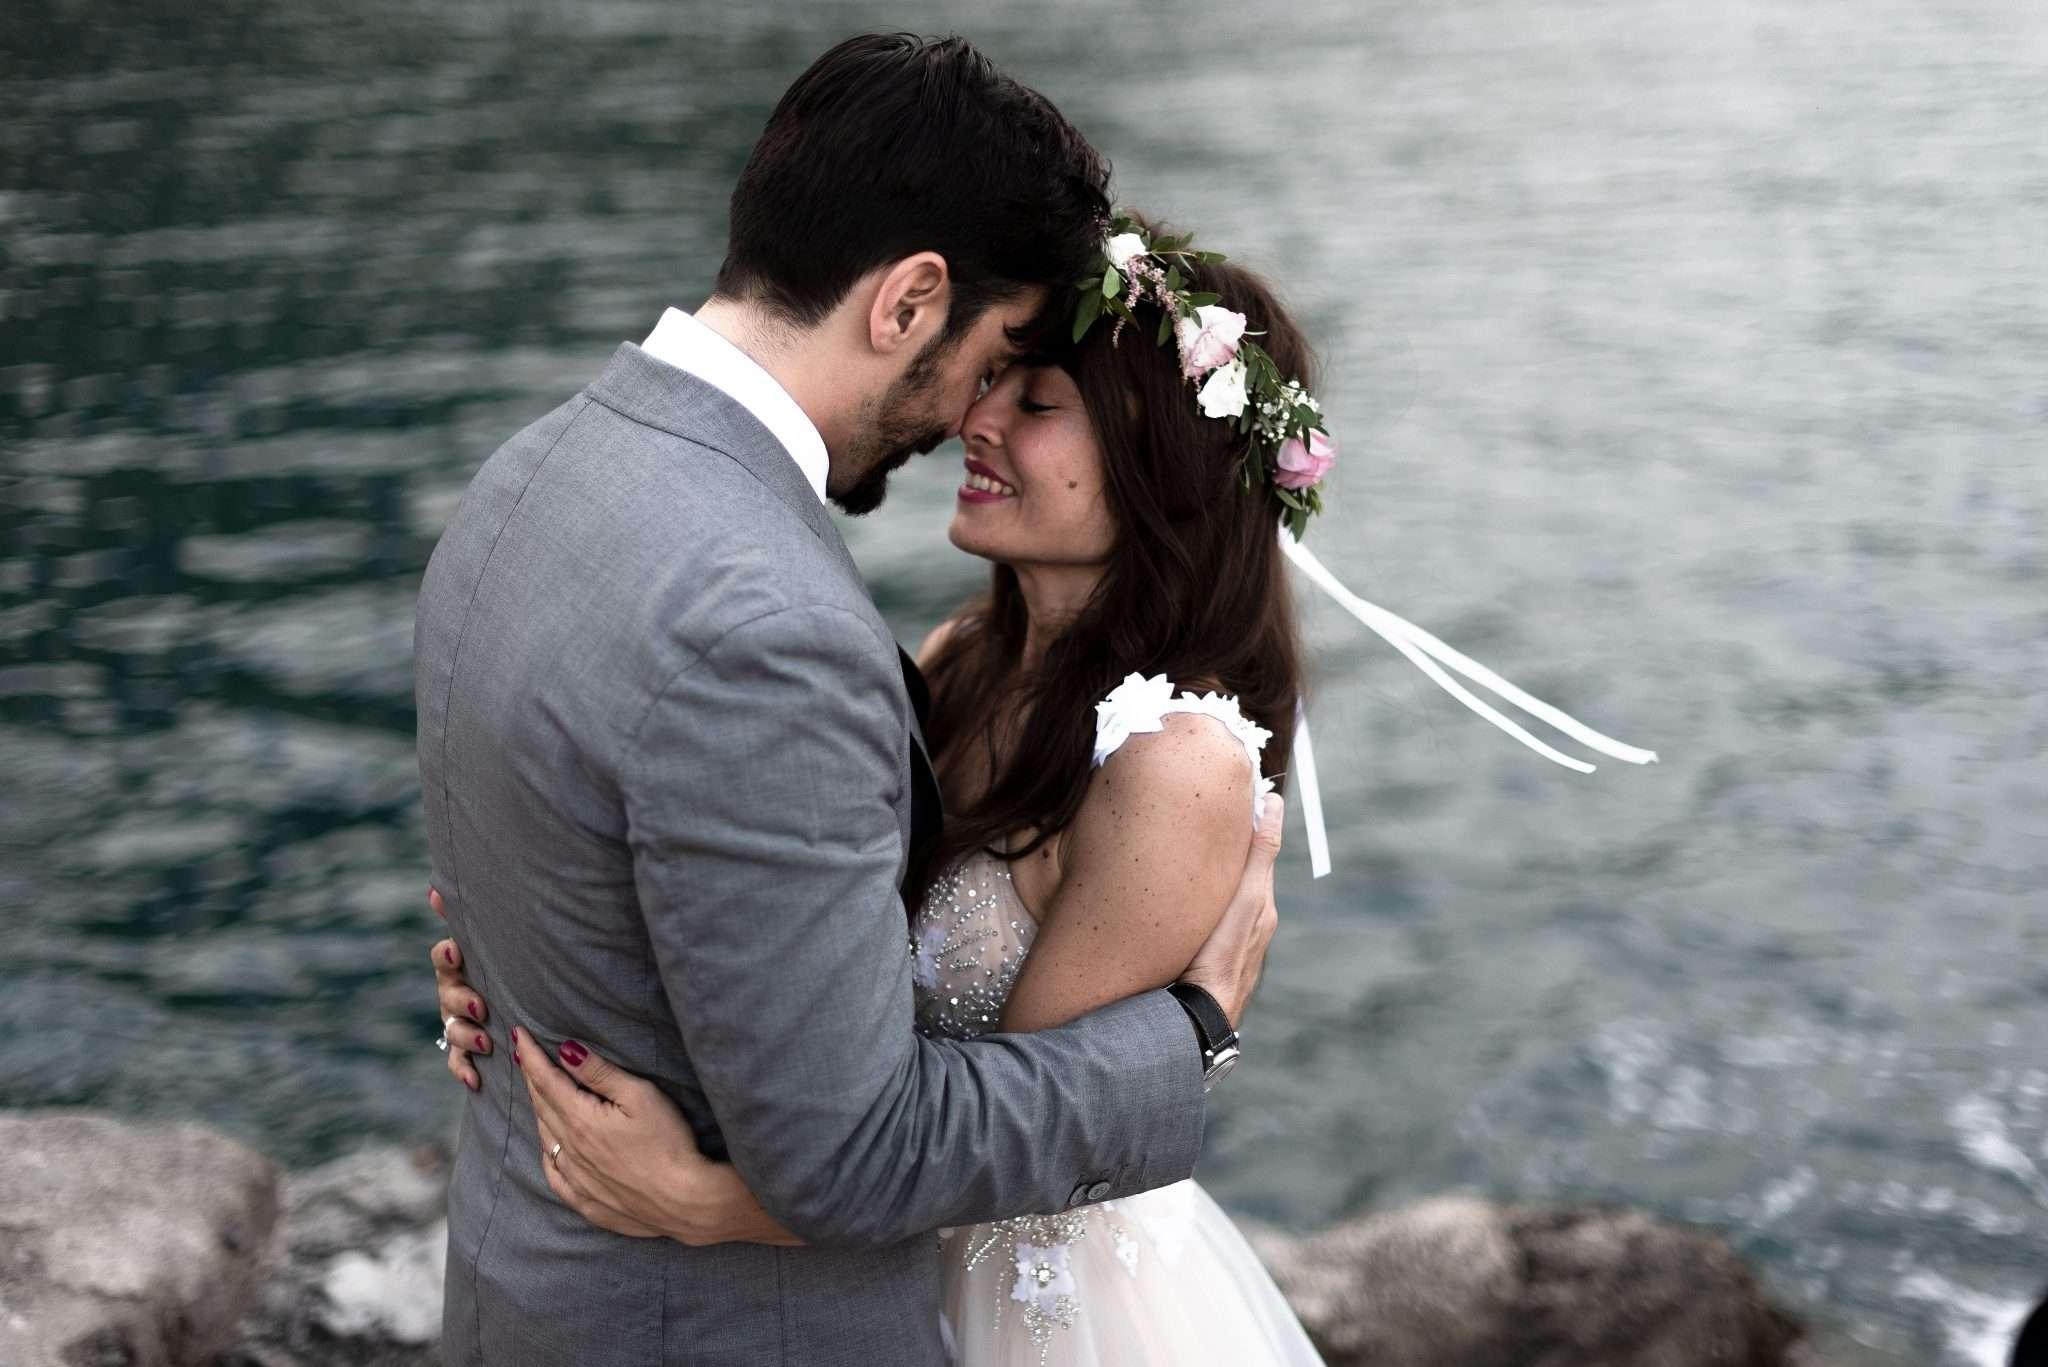 Fotografia sposi a Sorrento wedding reportage realizzata da Barbara Trincone fotografa con studio a Pozzuoli - Napoli